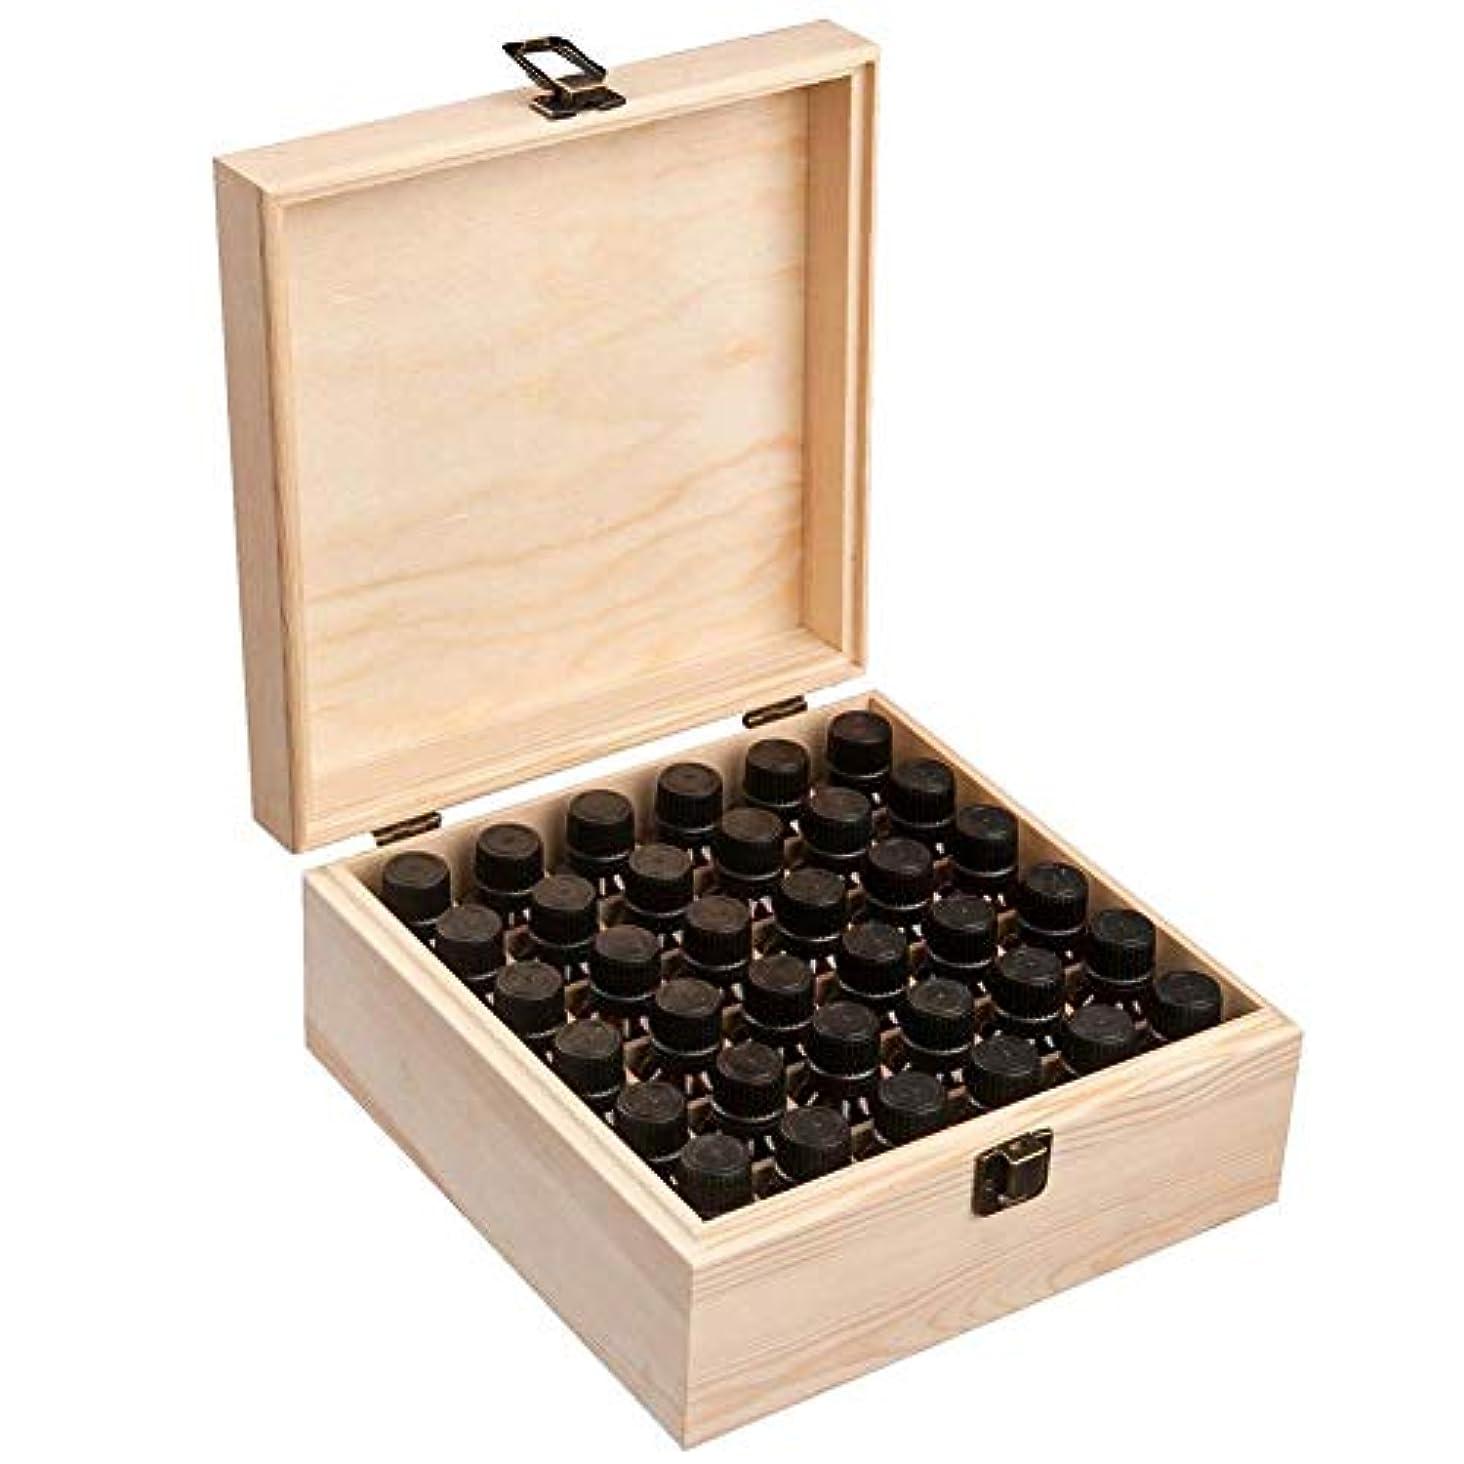 祈り全体に余計なエッセンシャルオイル収納ボックス 純木の精油の収納箱 香水収納ケース アロマオイル収納ボックス 36本用